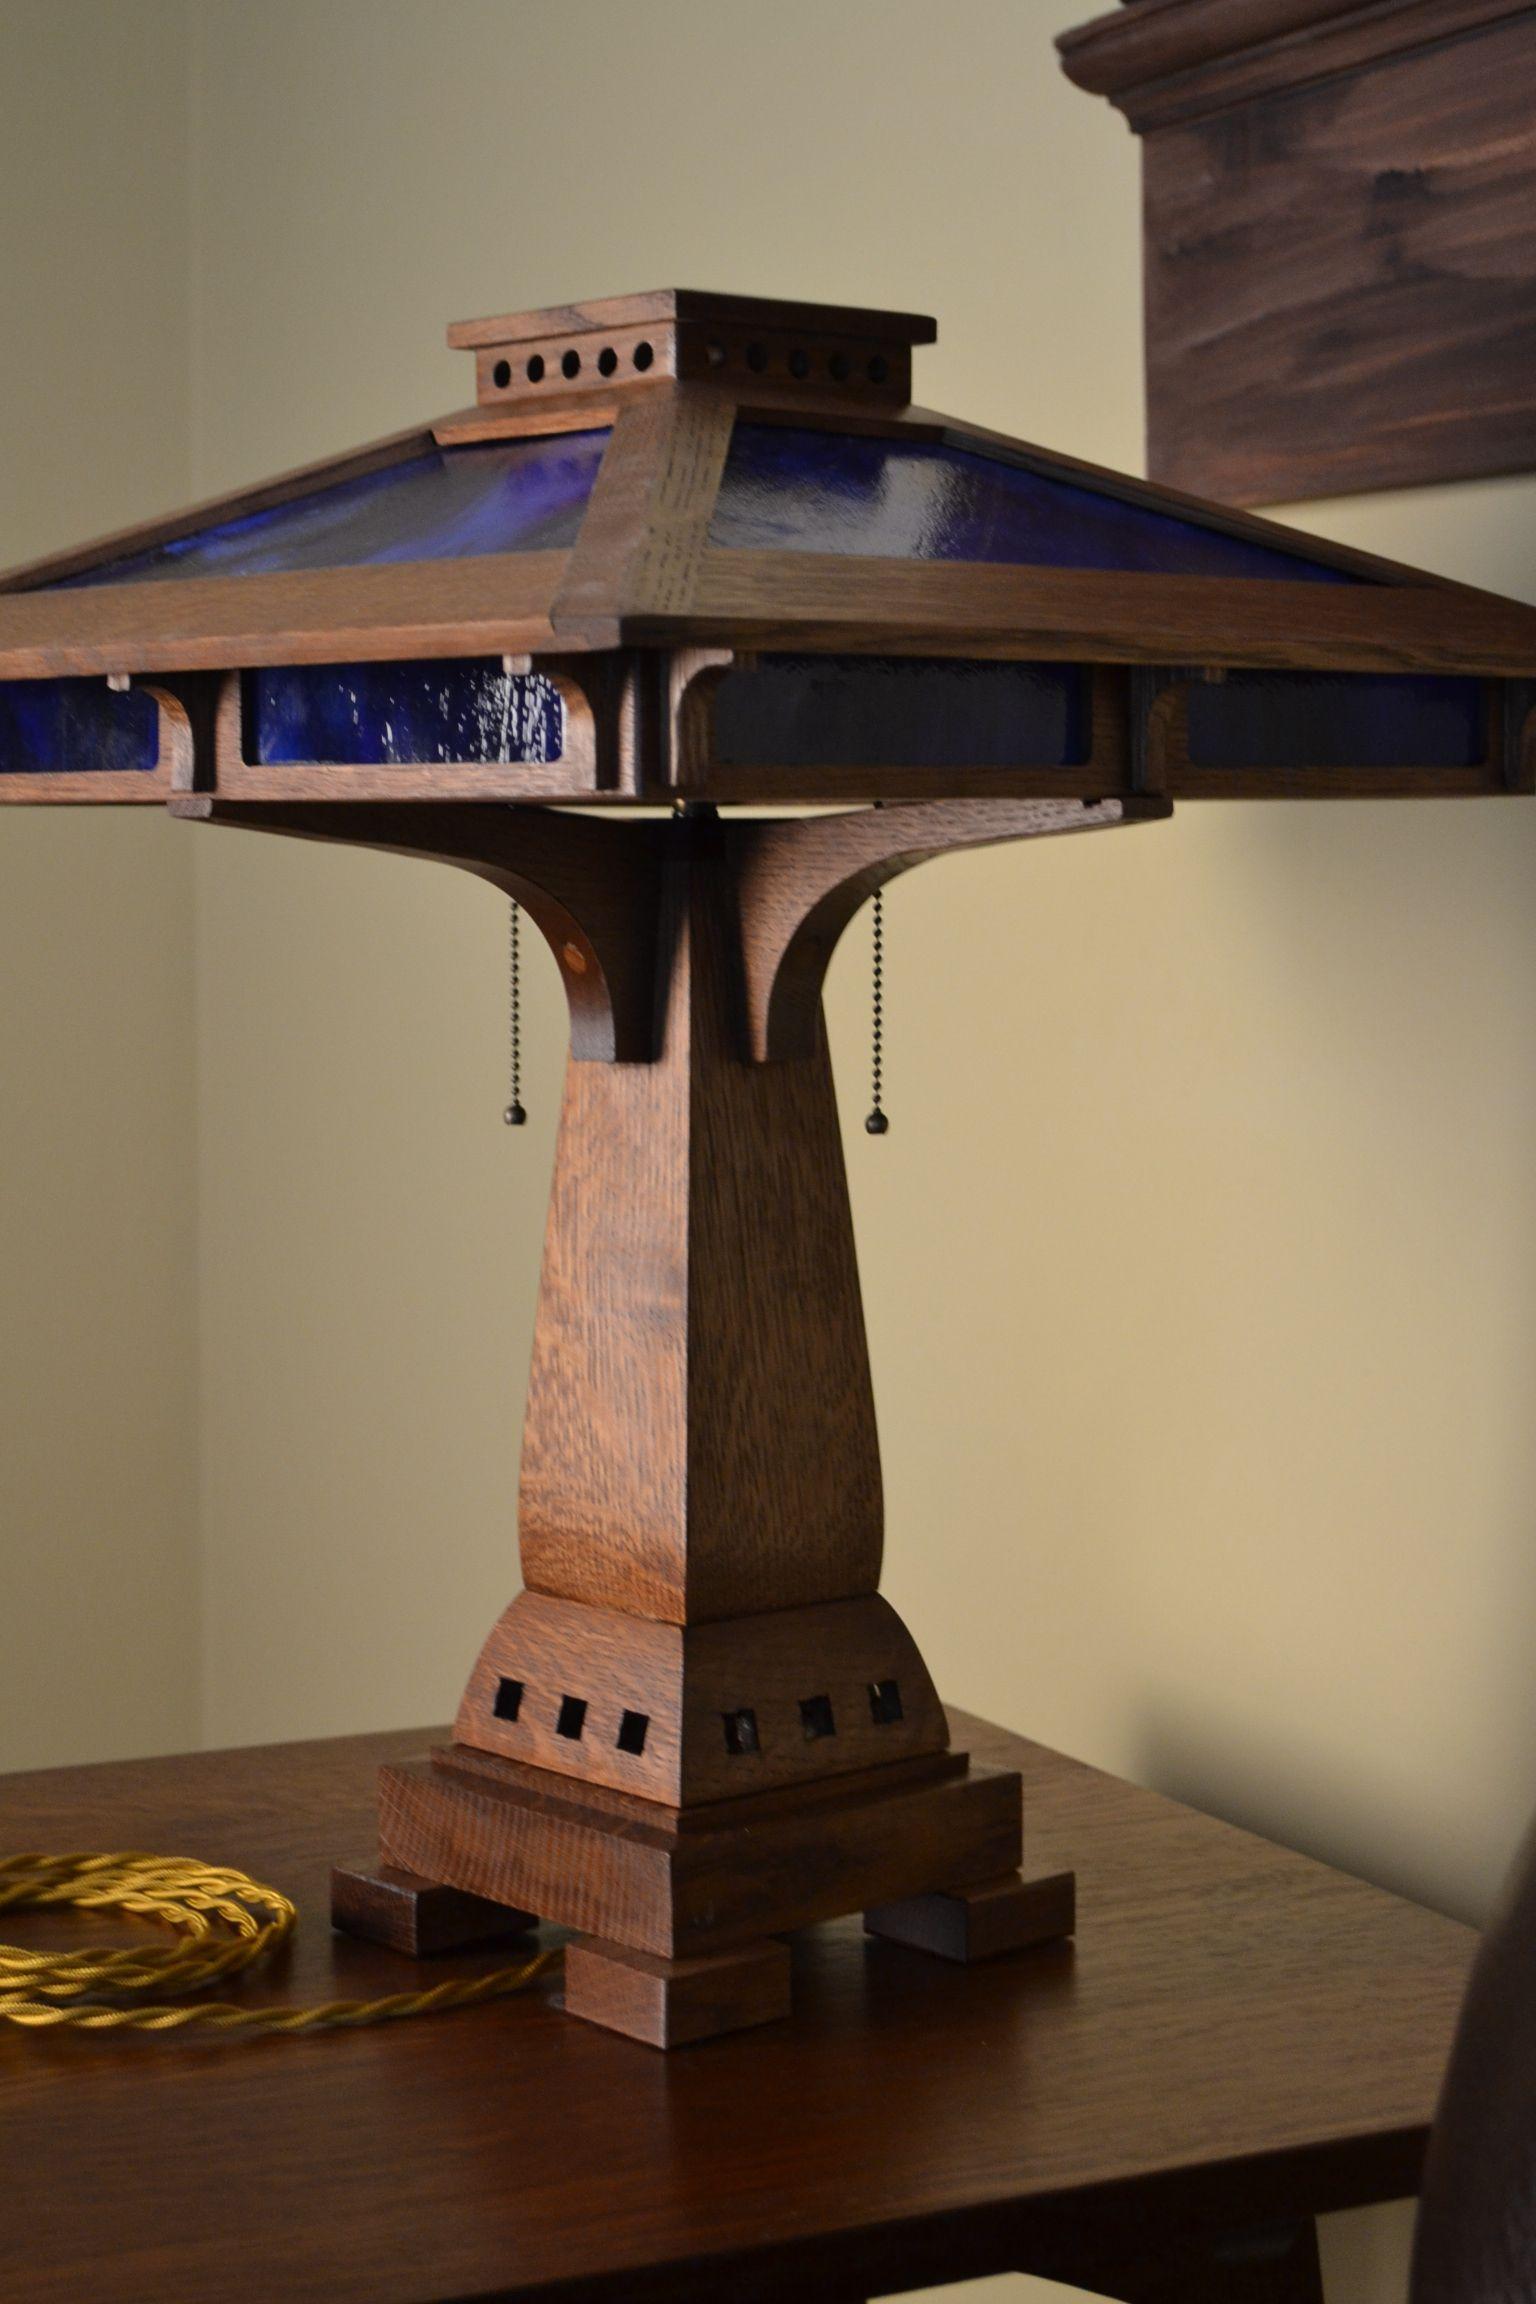 Prairie Craftsman Table Lamp Craftsman furniture